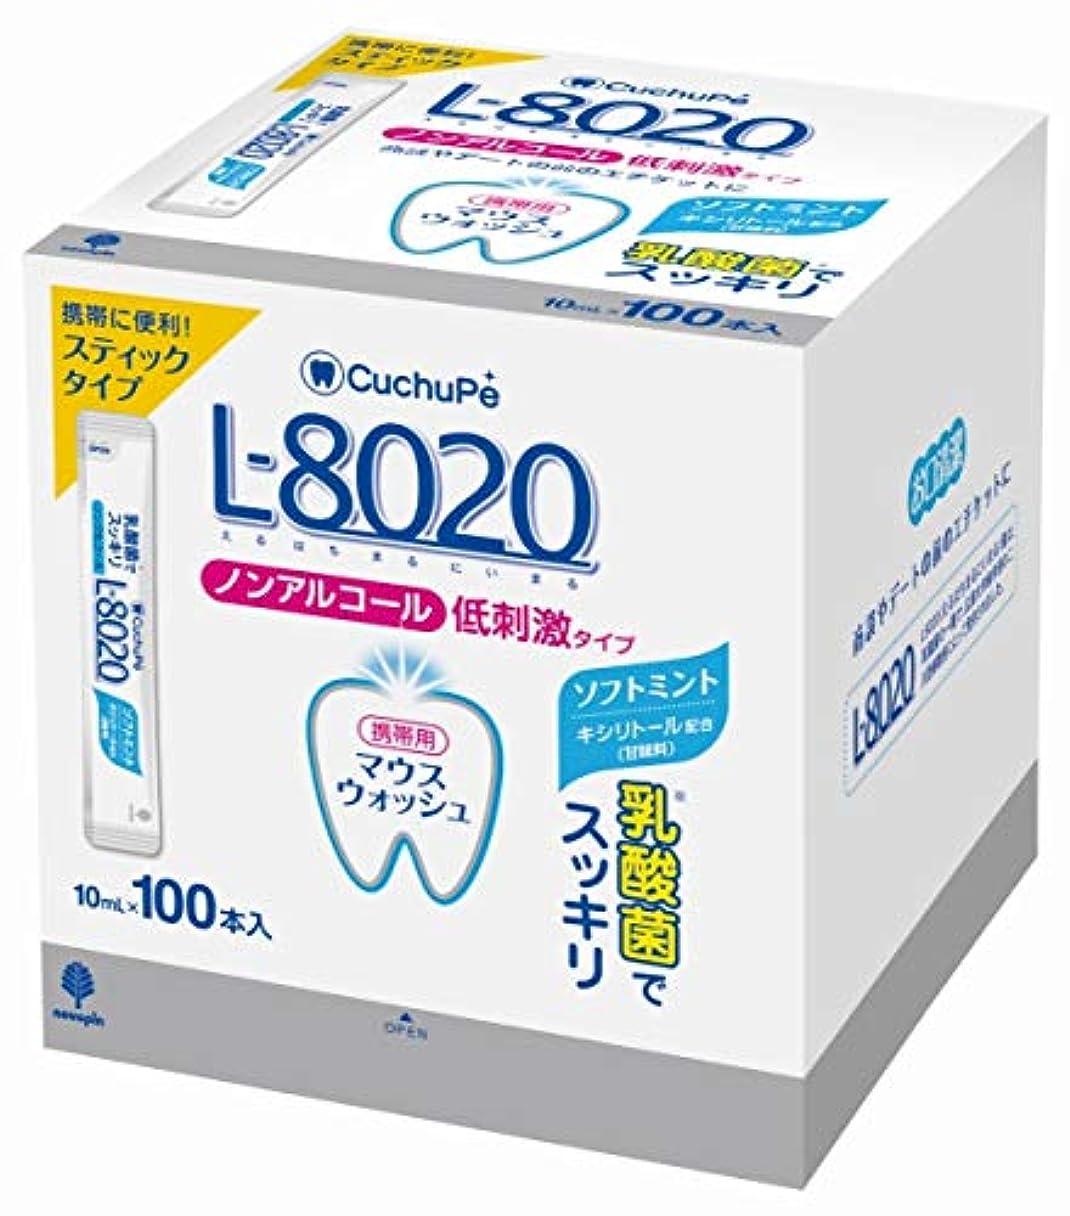 橋くつろぎ許容できる日本製 made in japan クチュッペL-8020 ソフトミント スティックタイプ100本入(ノンアルコール) K-7092【まとめ買い10個セット】